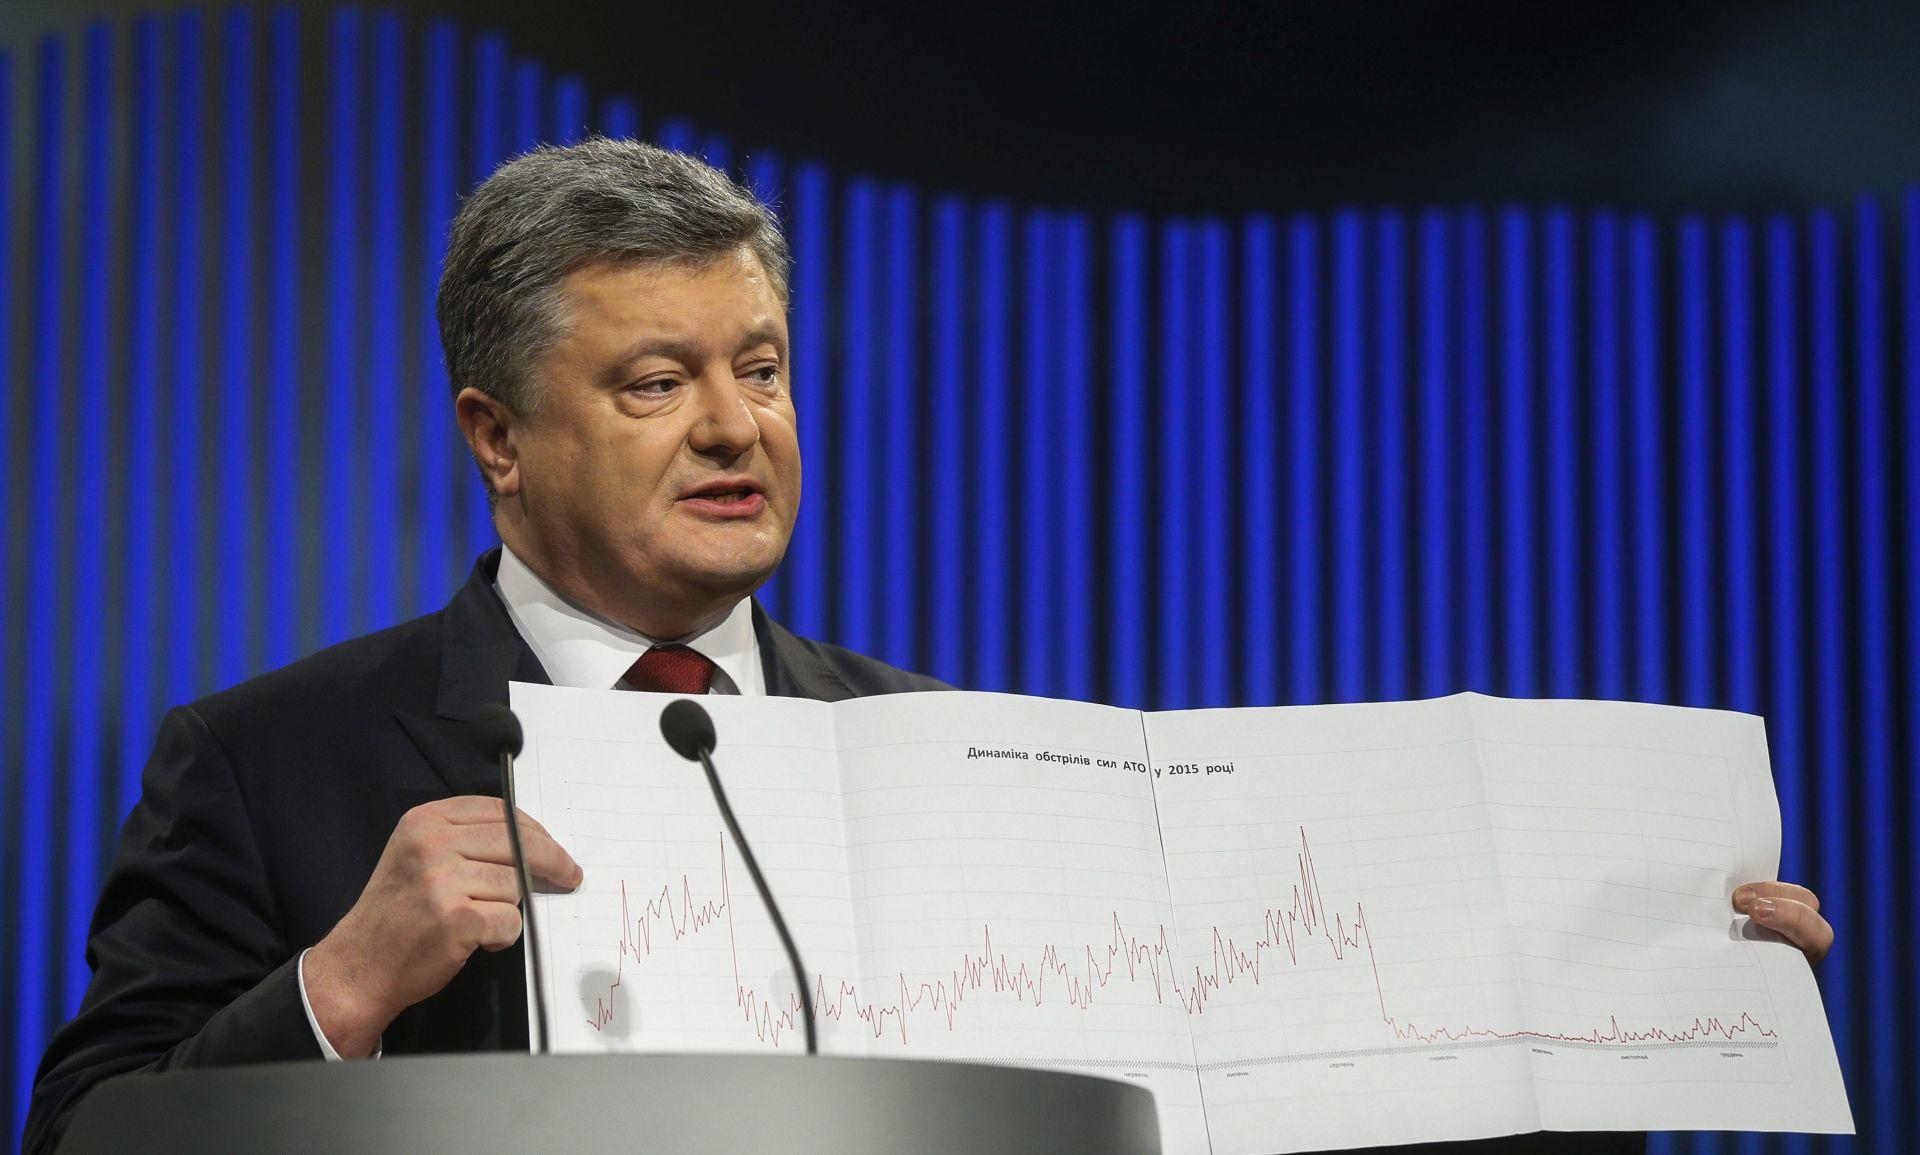 USPOSTAVLJANJE NADZORA Porošenko: Ukrajina mora u 2016. vratiti suverenost nad istokom zemlje